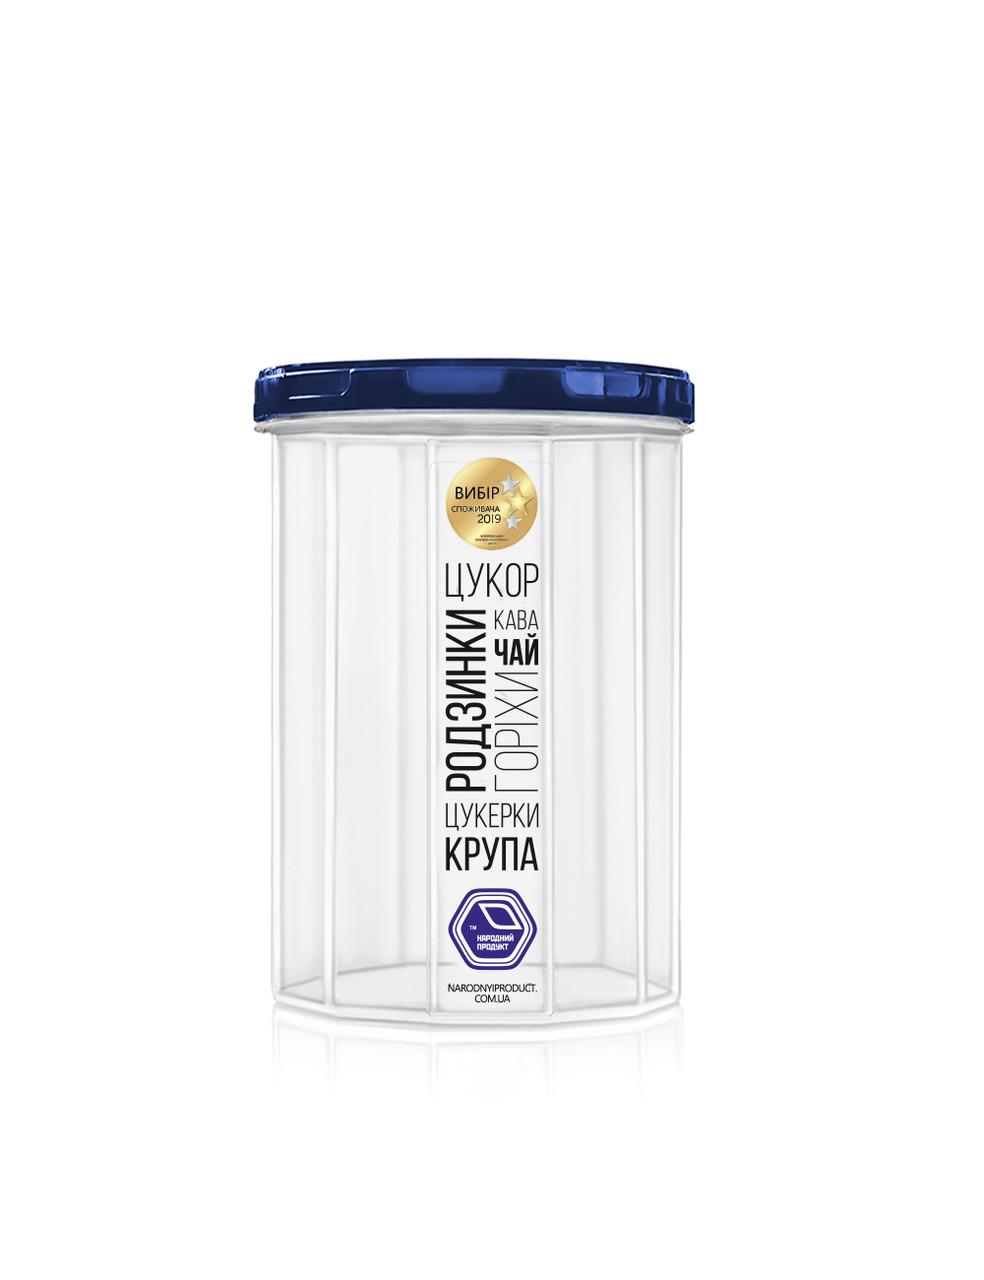 Ємність для сипучих продуктів 0,65 л. з синьою кришкою (арт. 107и)